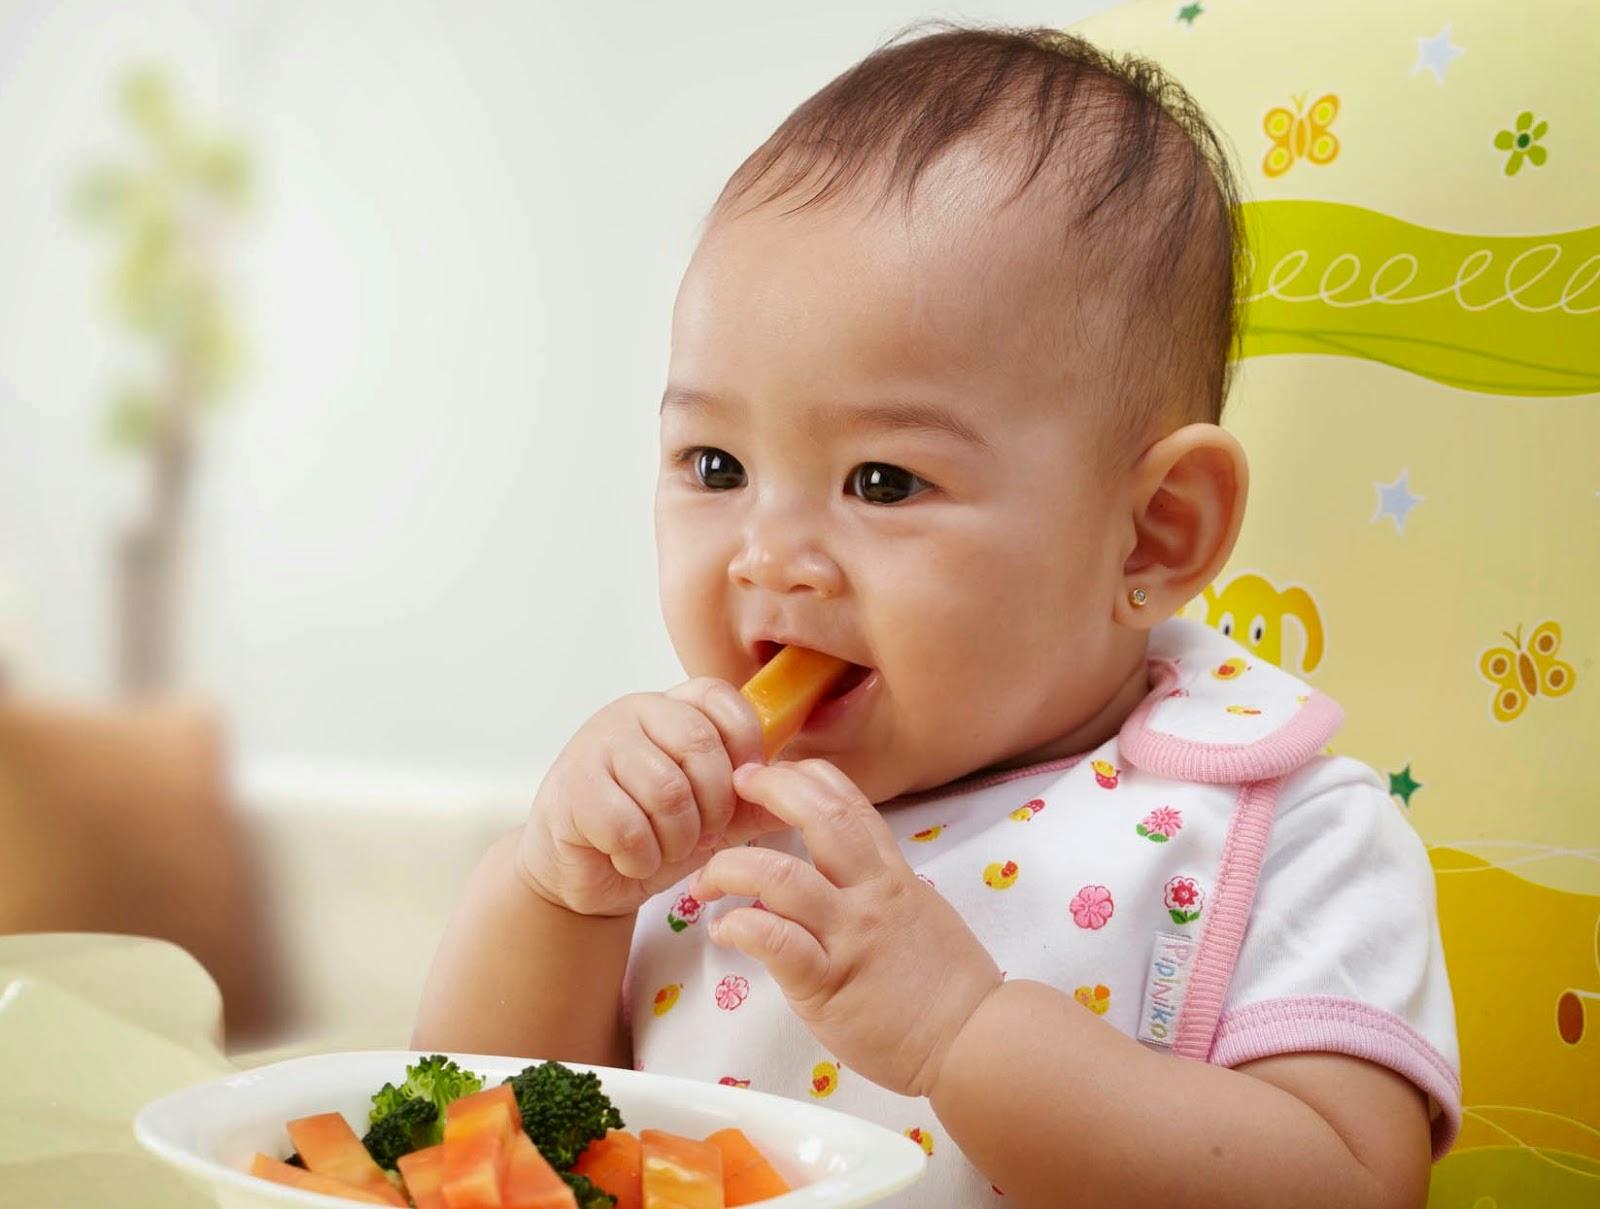 Gambar bayi-bayi makan sendiri